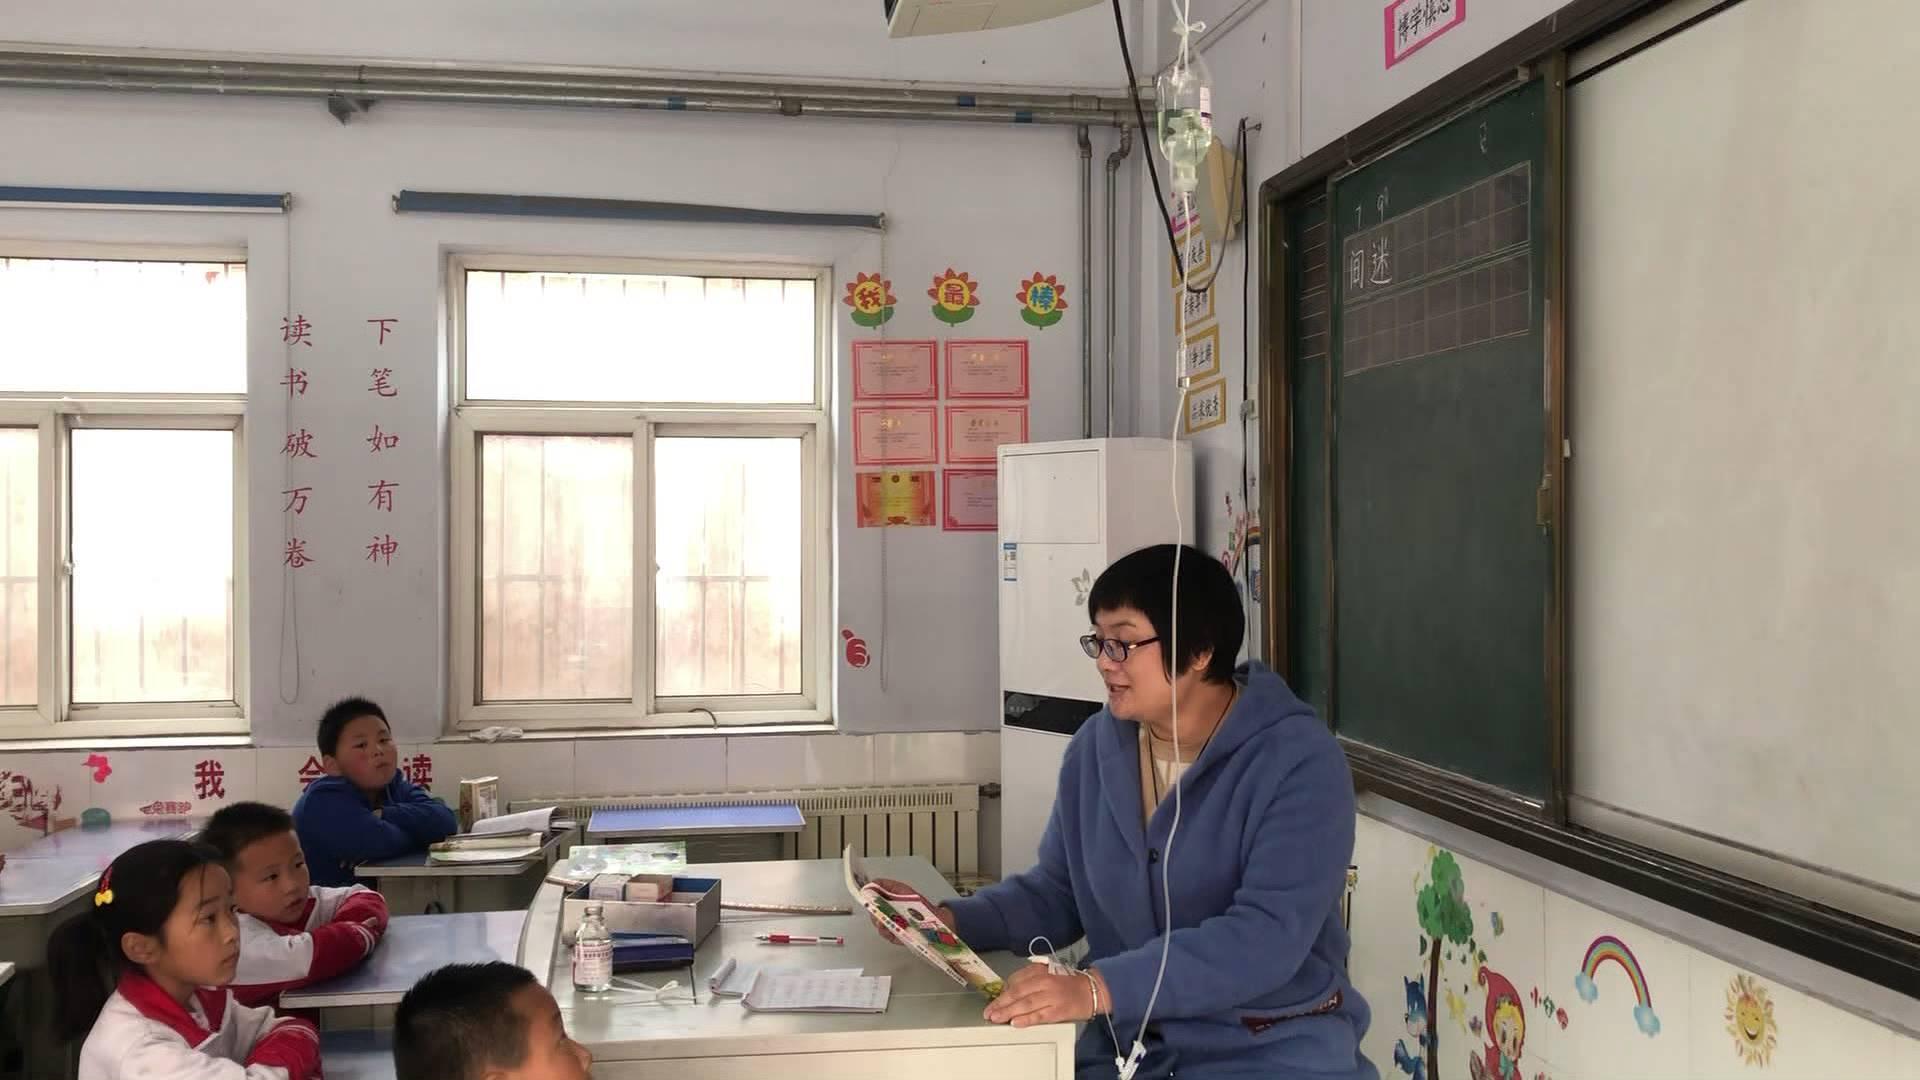 69秒|济南一女教师挂吊瓶坚持上课 面对镜头她这样说……